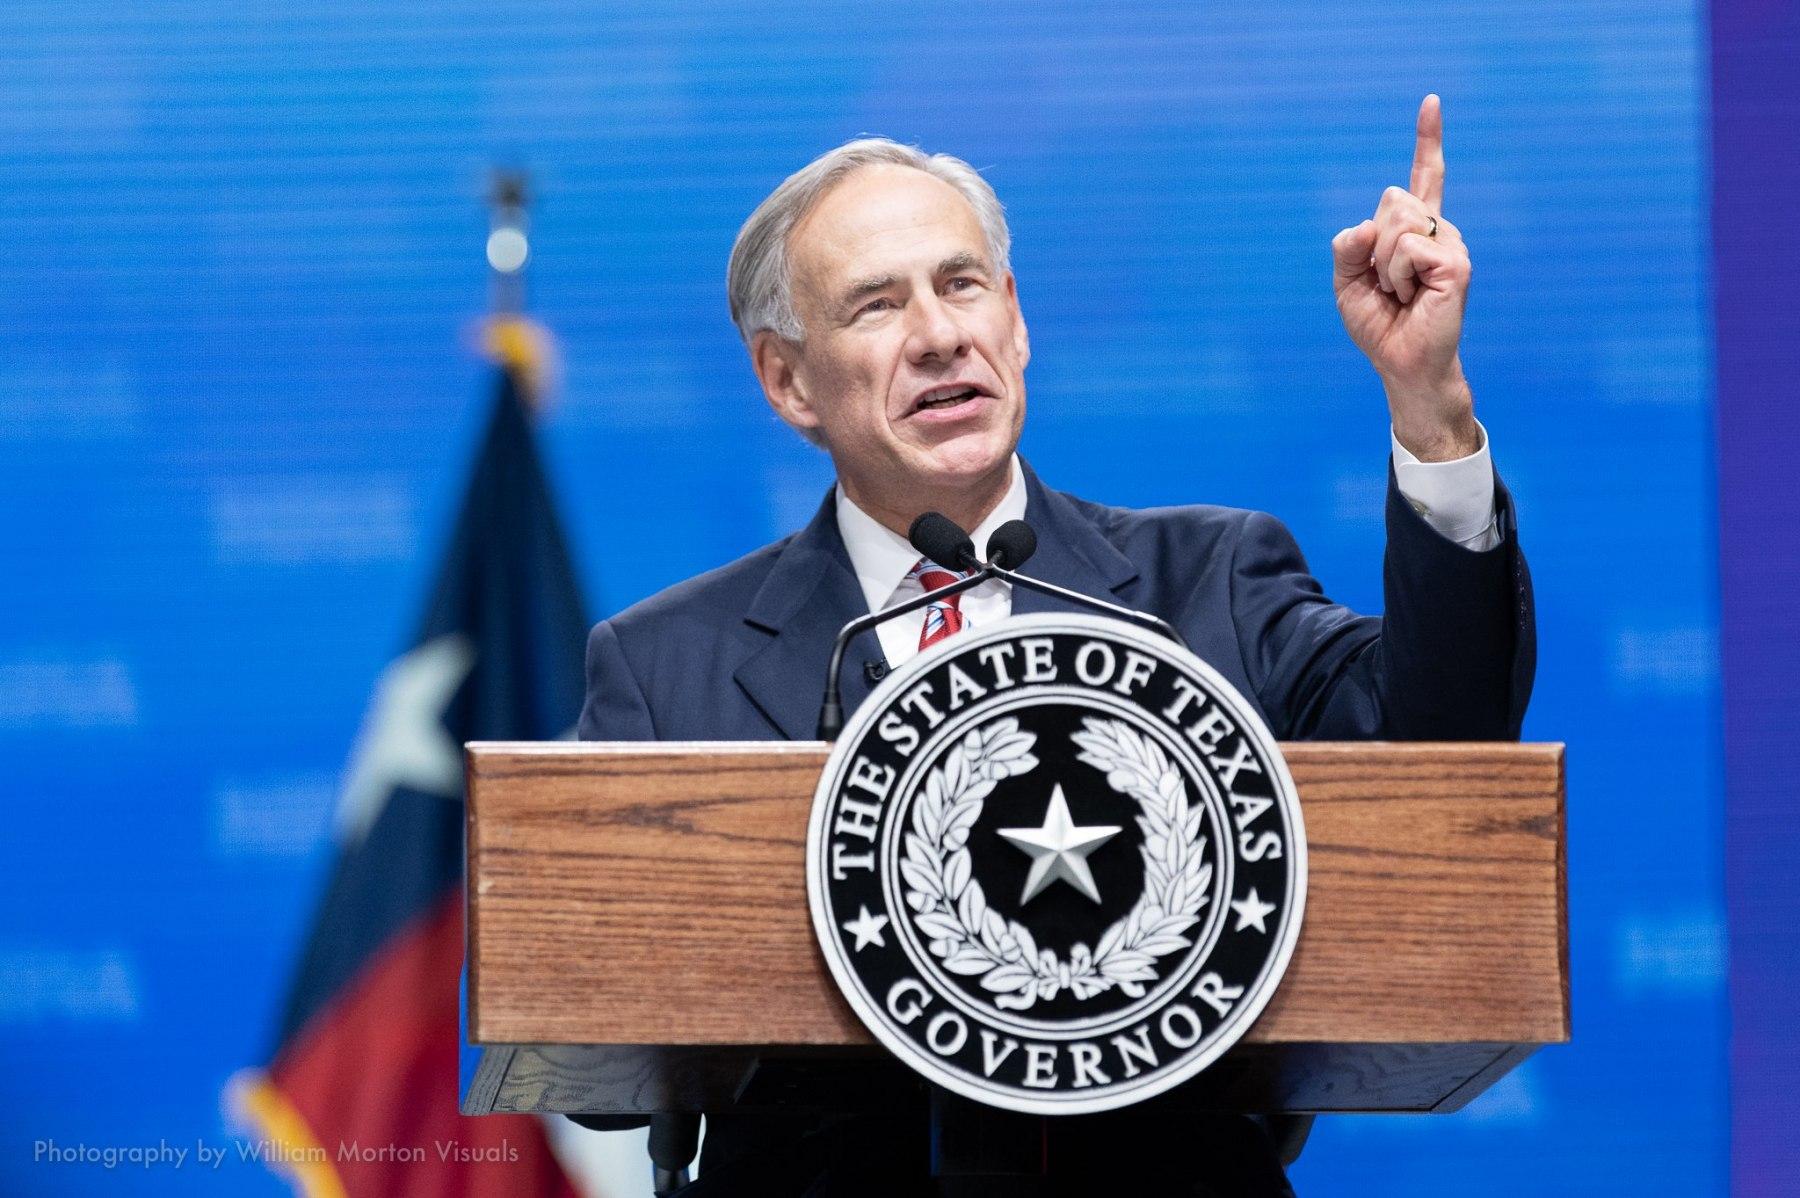 Texas Governor Greg Abbott speaks